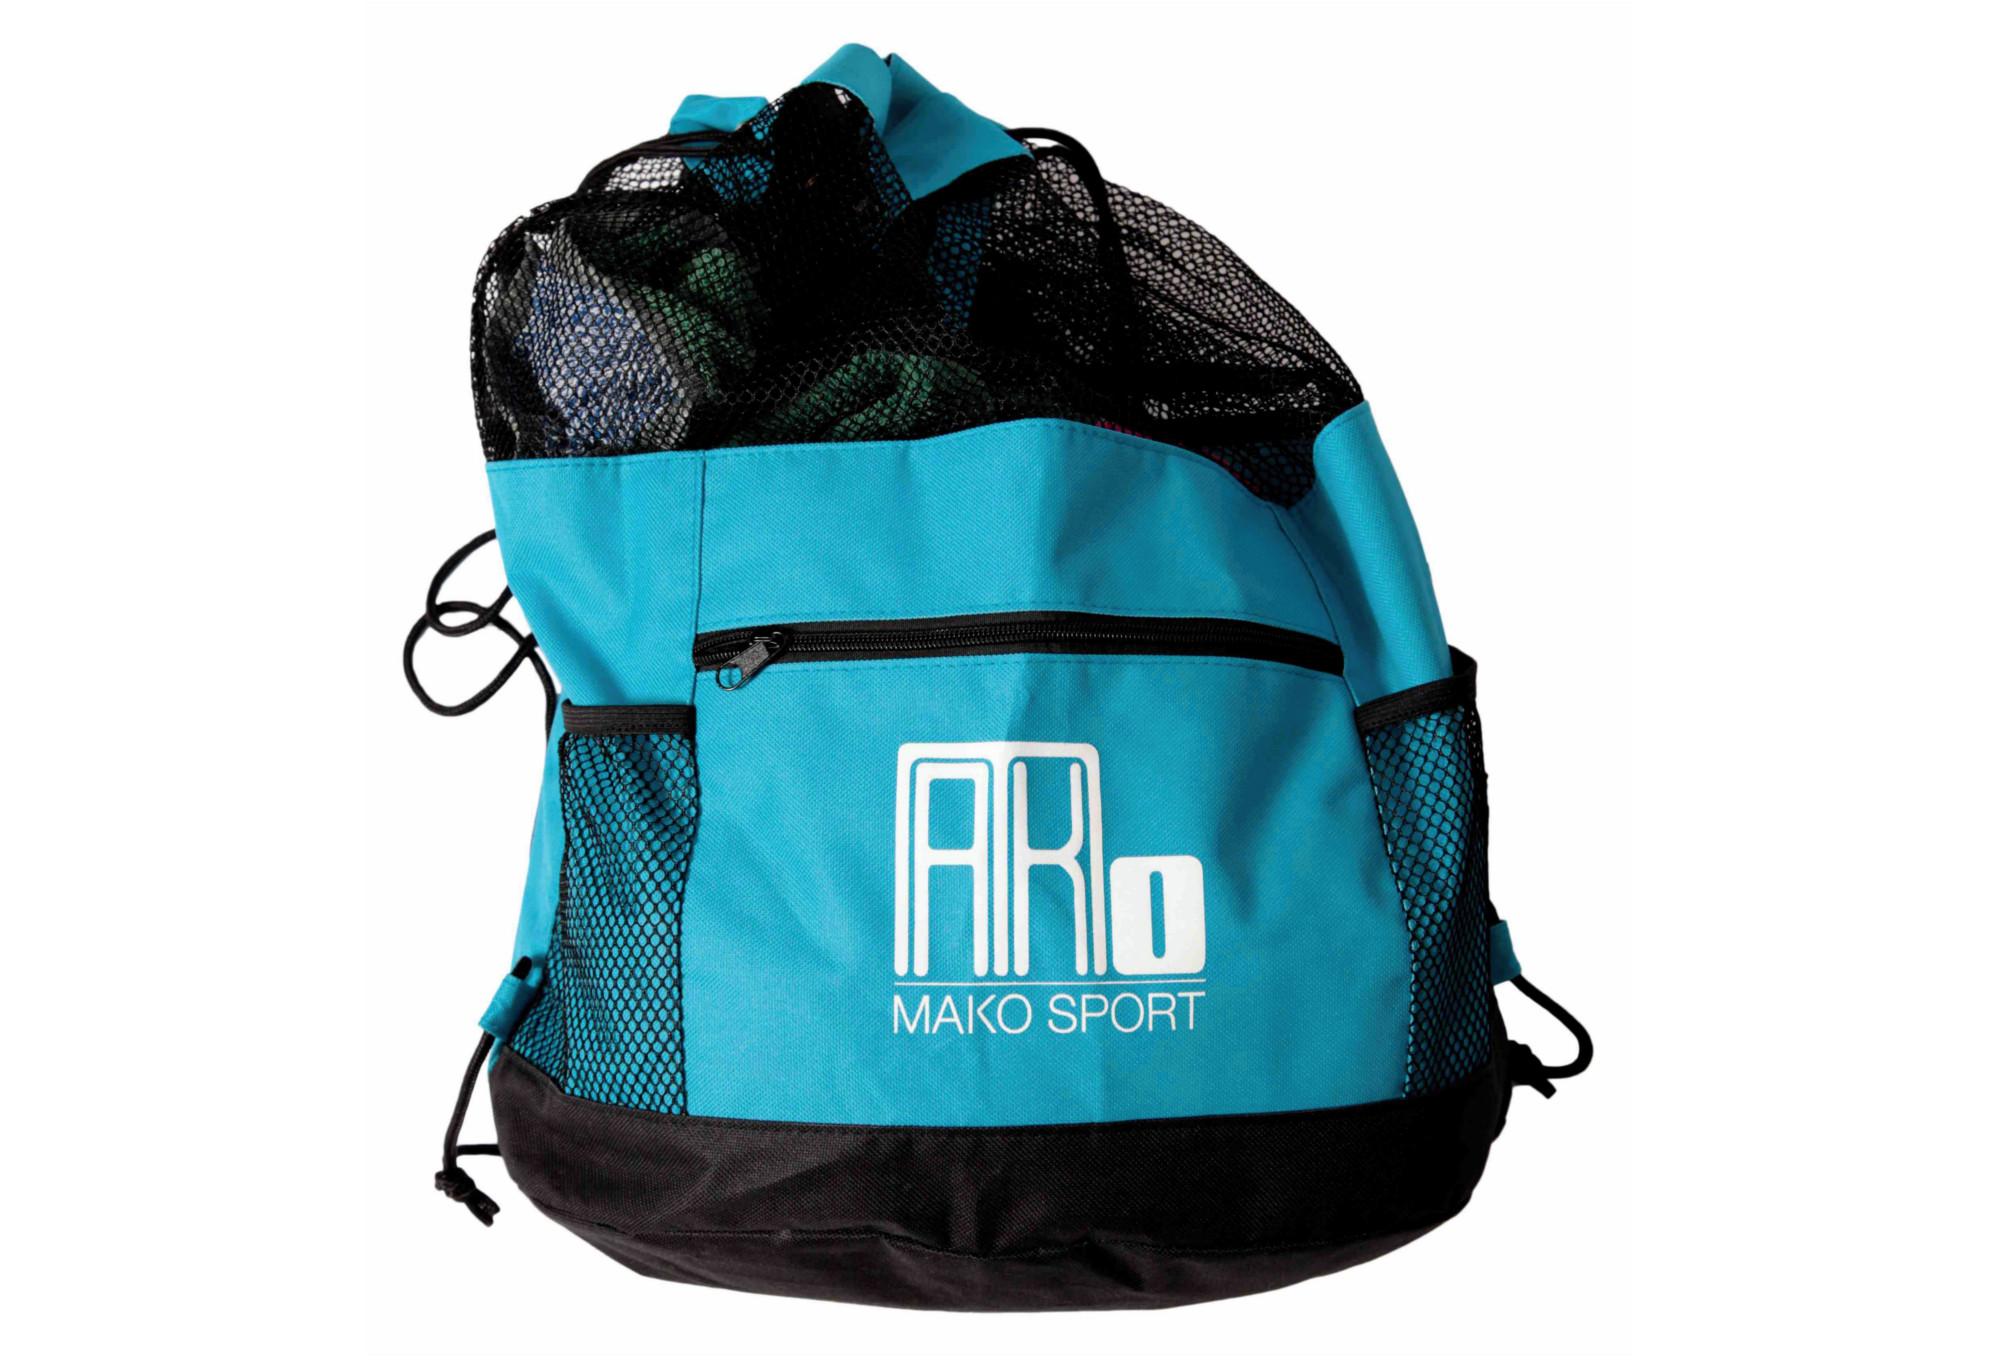 Sac de piscine mako mesh bag bleu for Sac de piscine arena